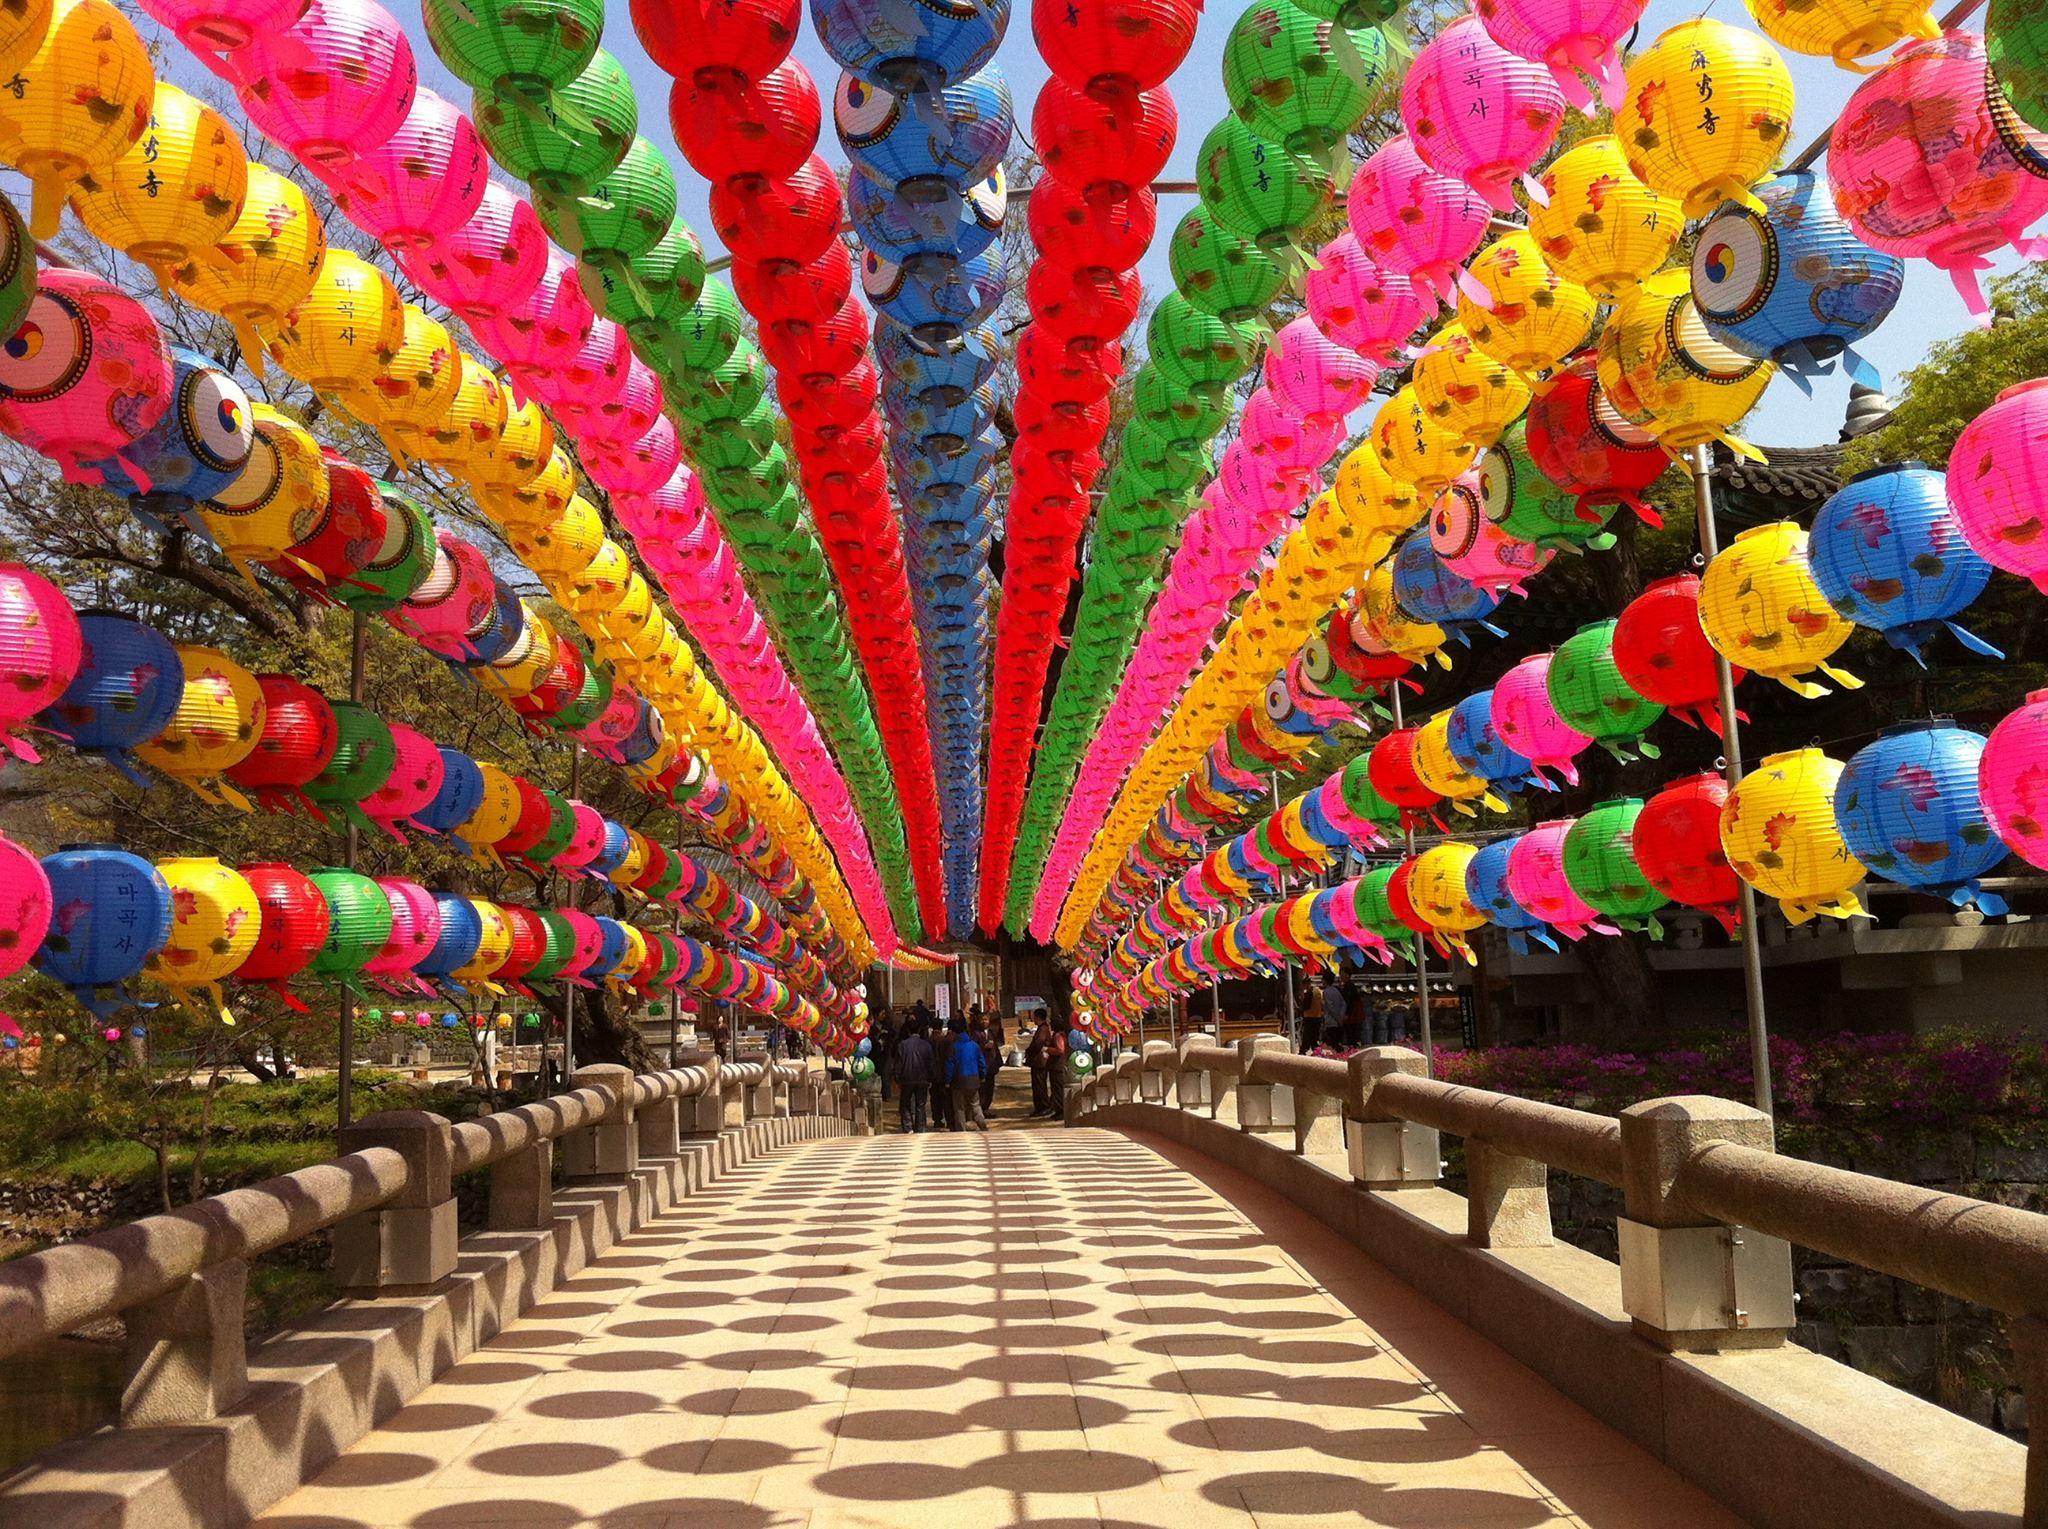 Gairah Wisata \u0026quot;Temple Stay\u0026quot; di Korea Selatan oleh Ony Jamhari  Kompasiana.com